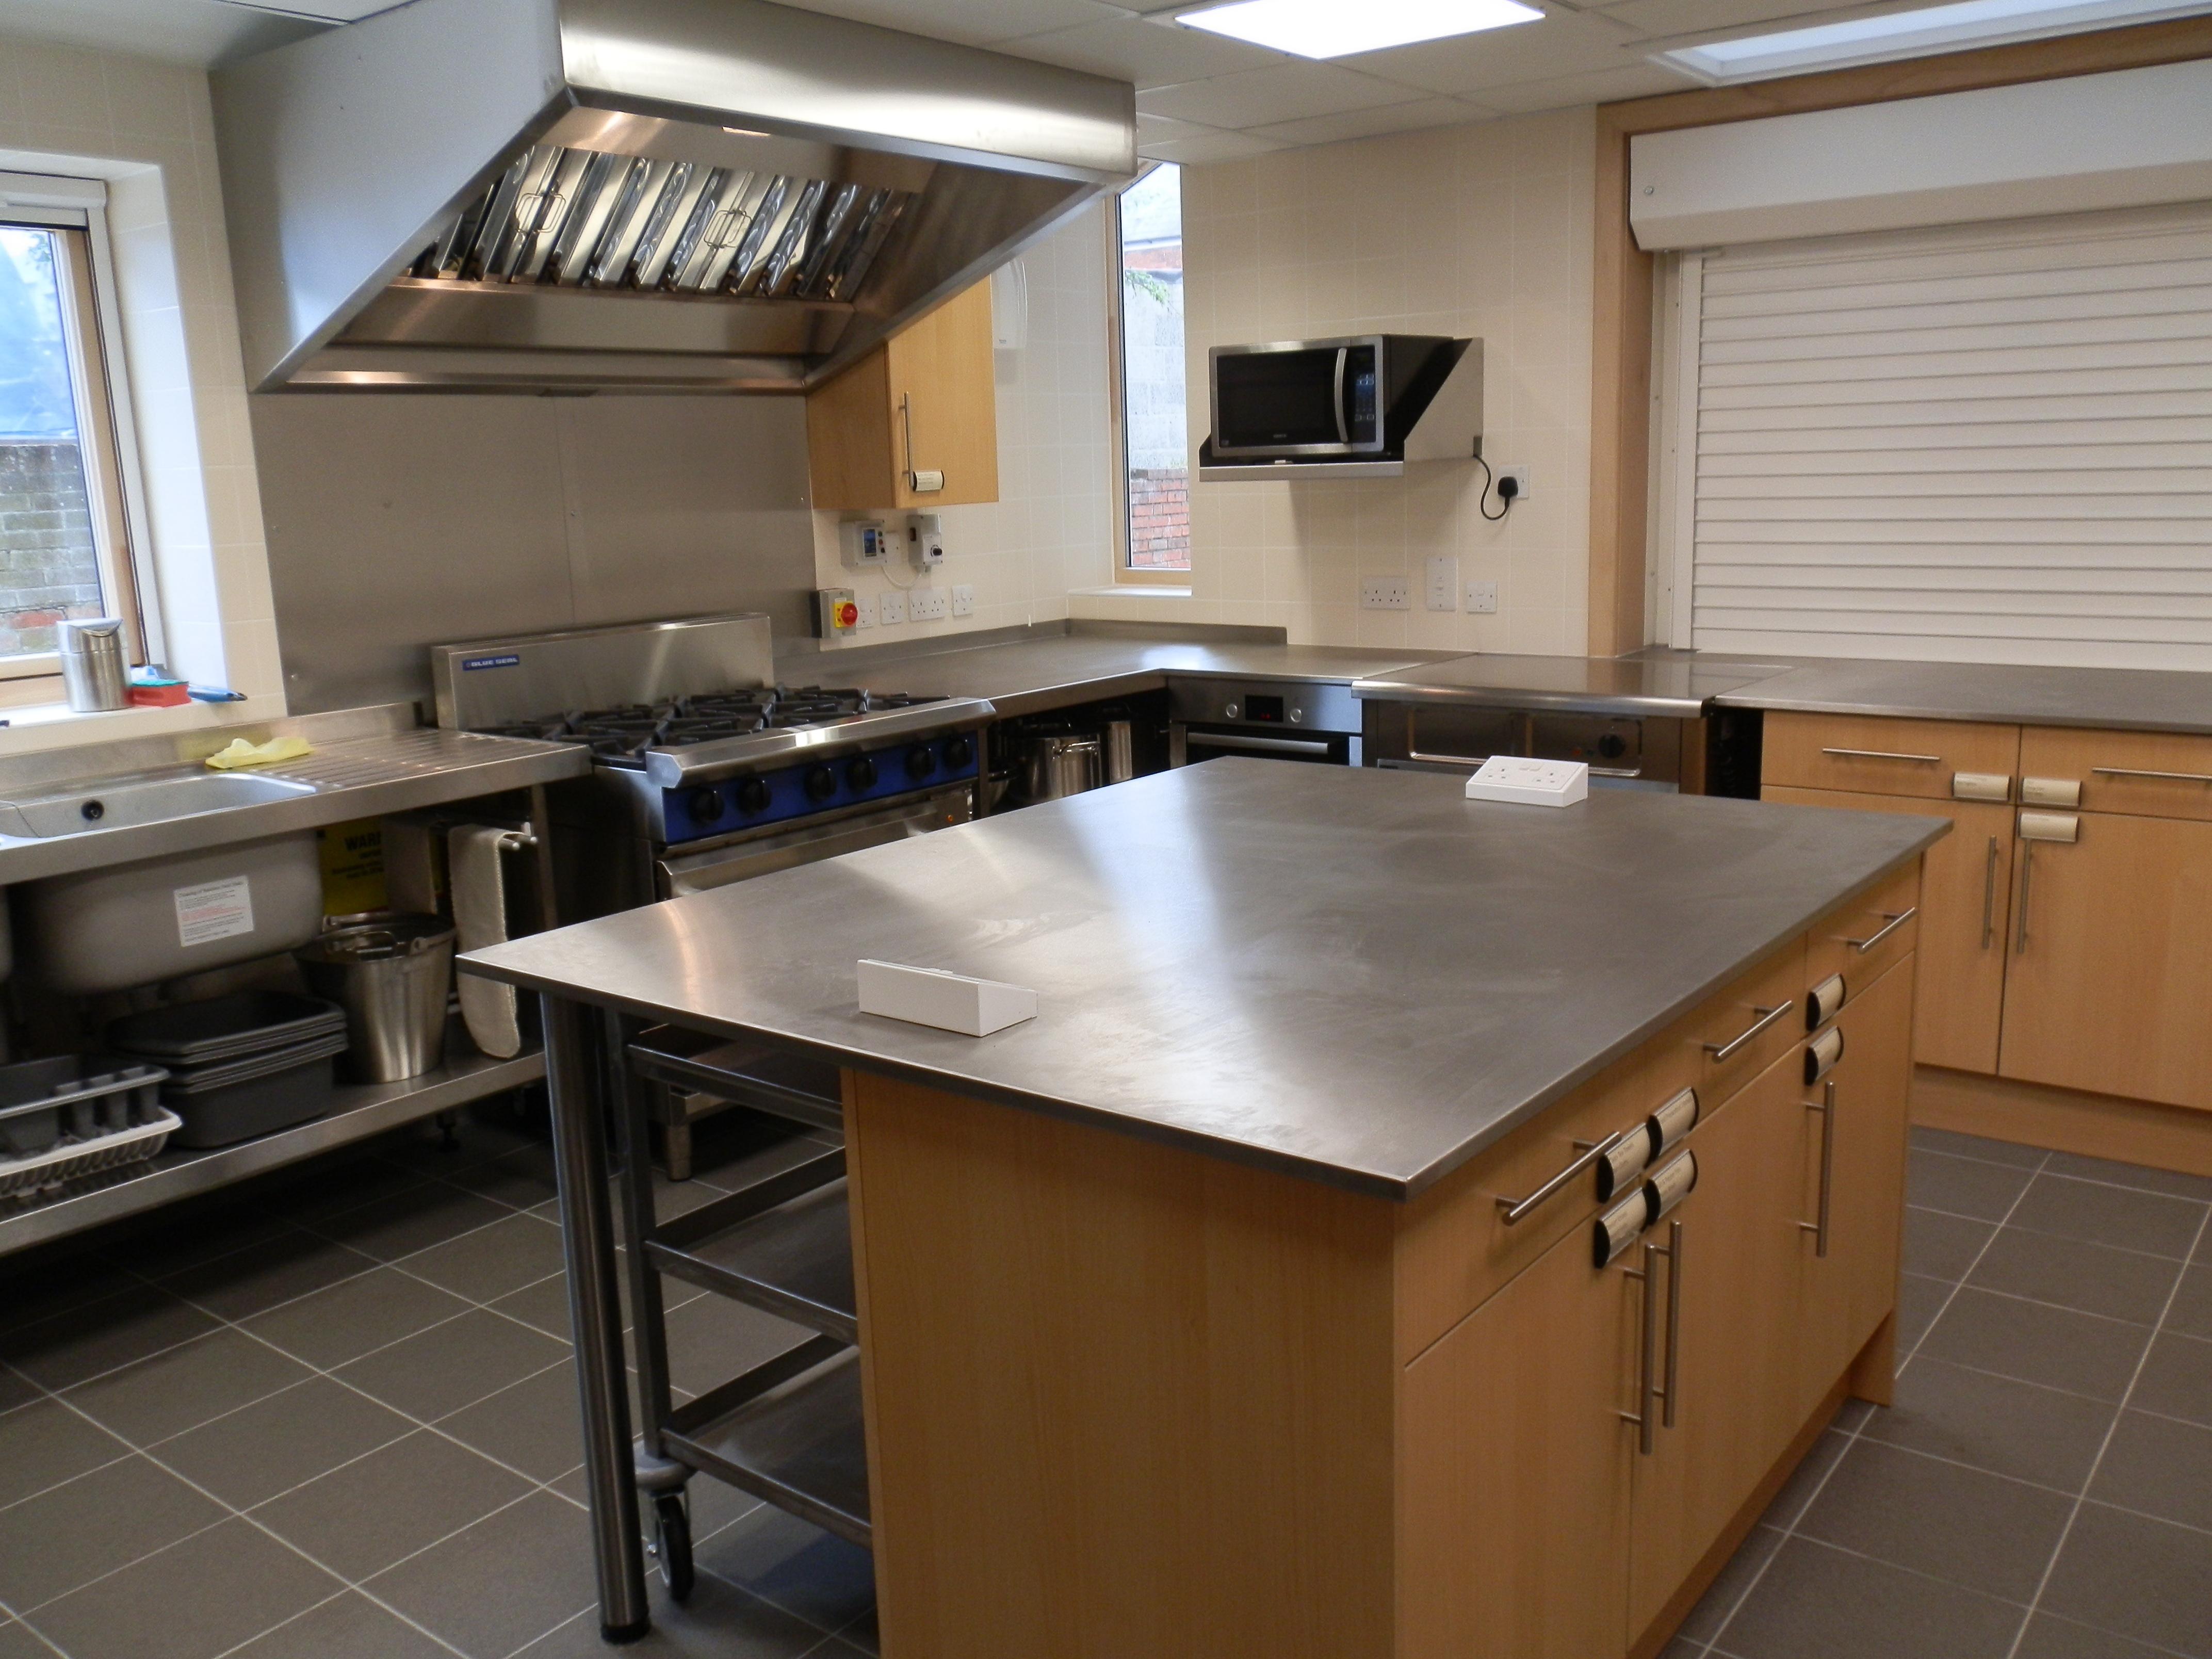 St AldhelmsChurch centre Kitchen